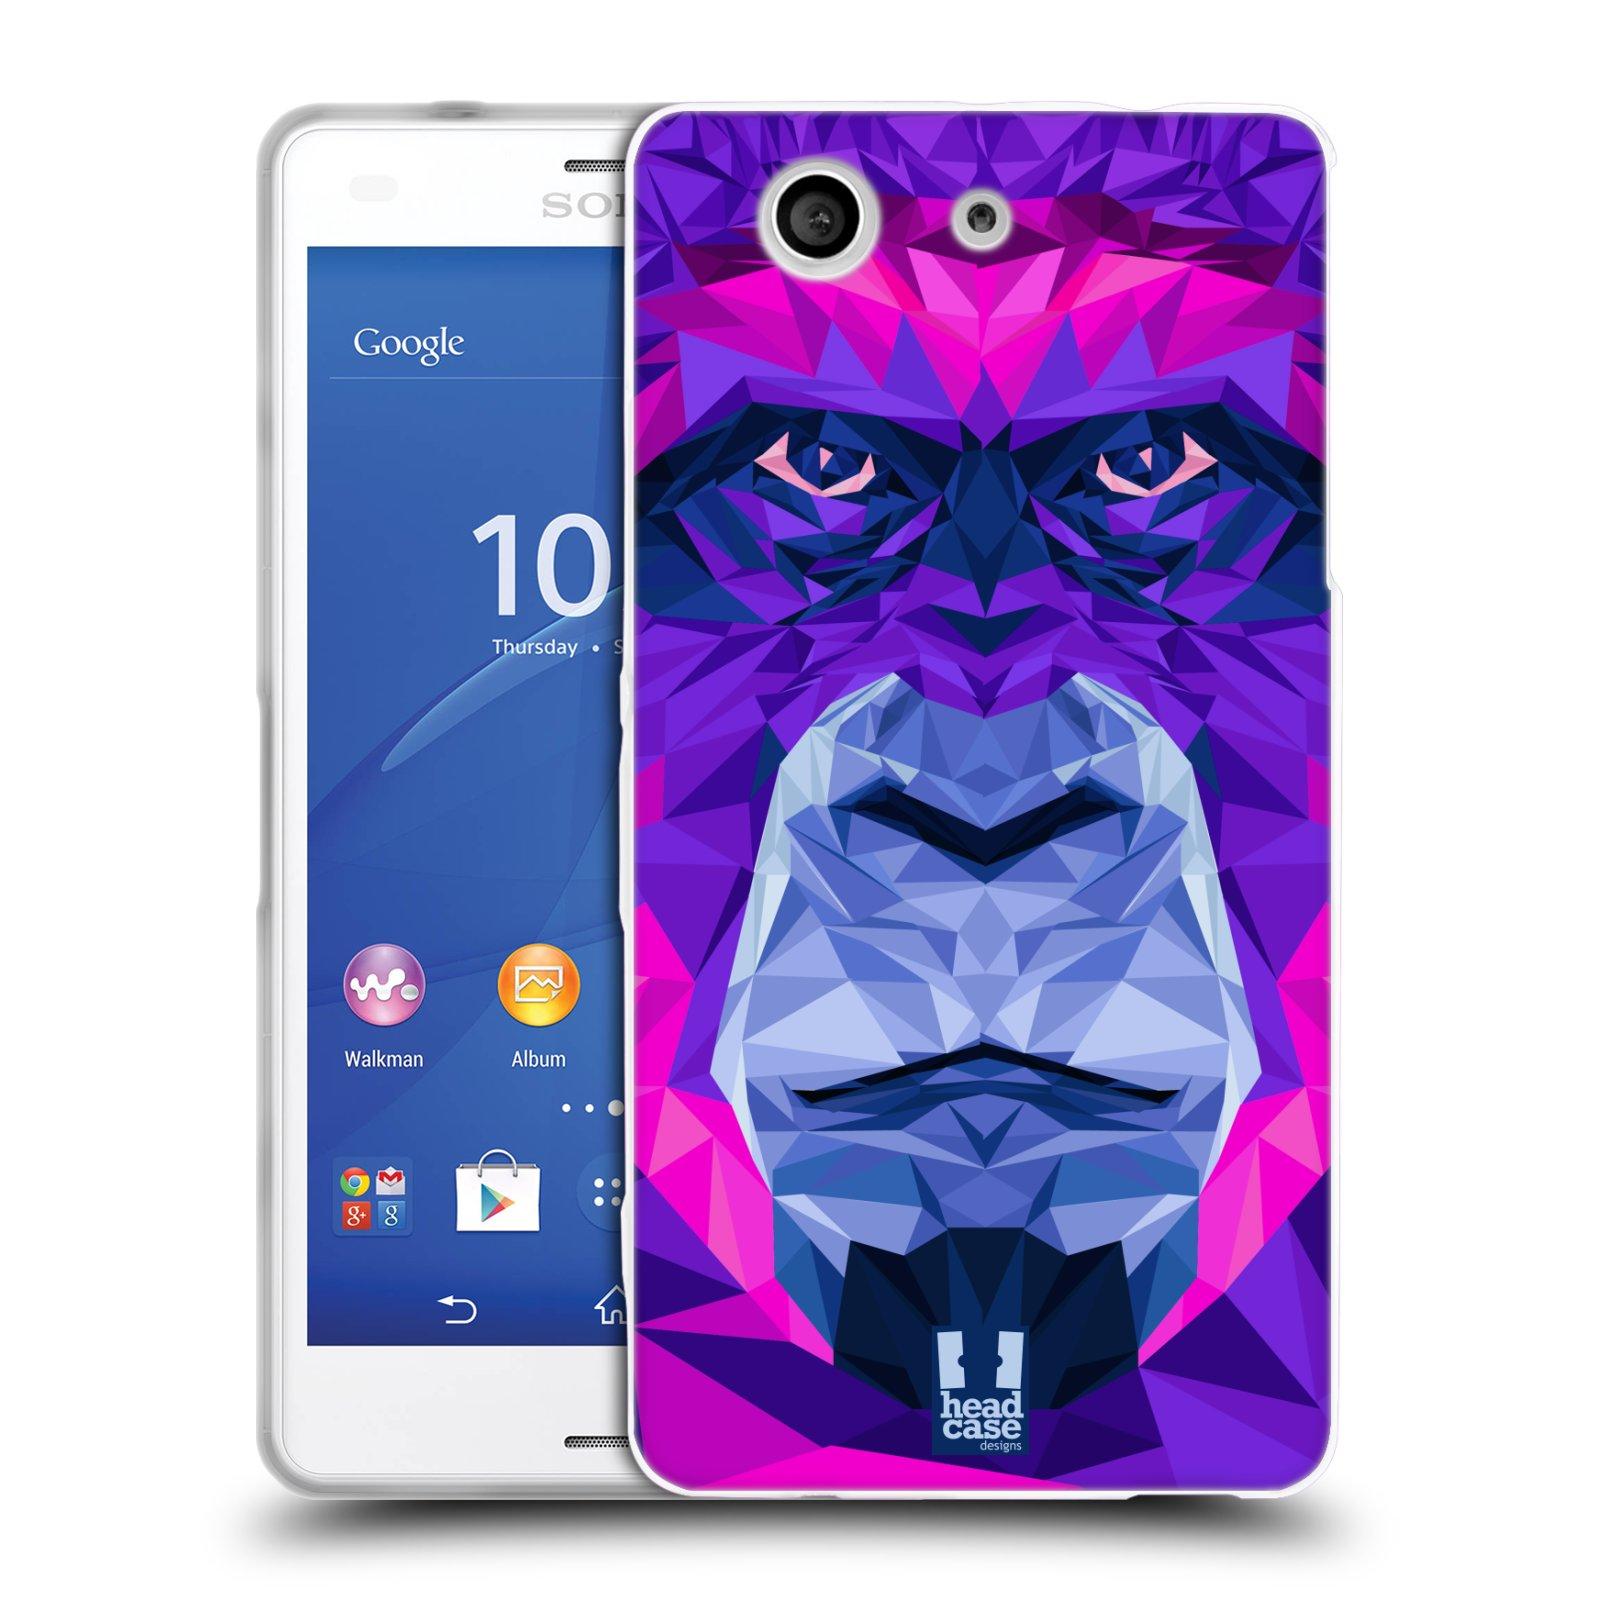 HEAD CASE silikonový obal na mobil Sony Xperia Z3 COMPACT (D5803) vzor Geometrická zvířata 2 Orangutan